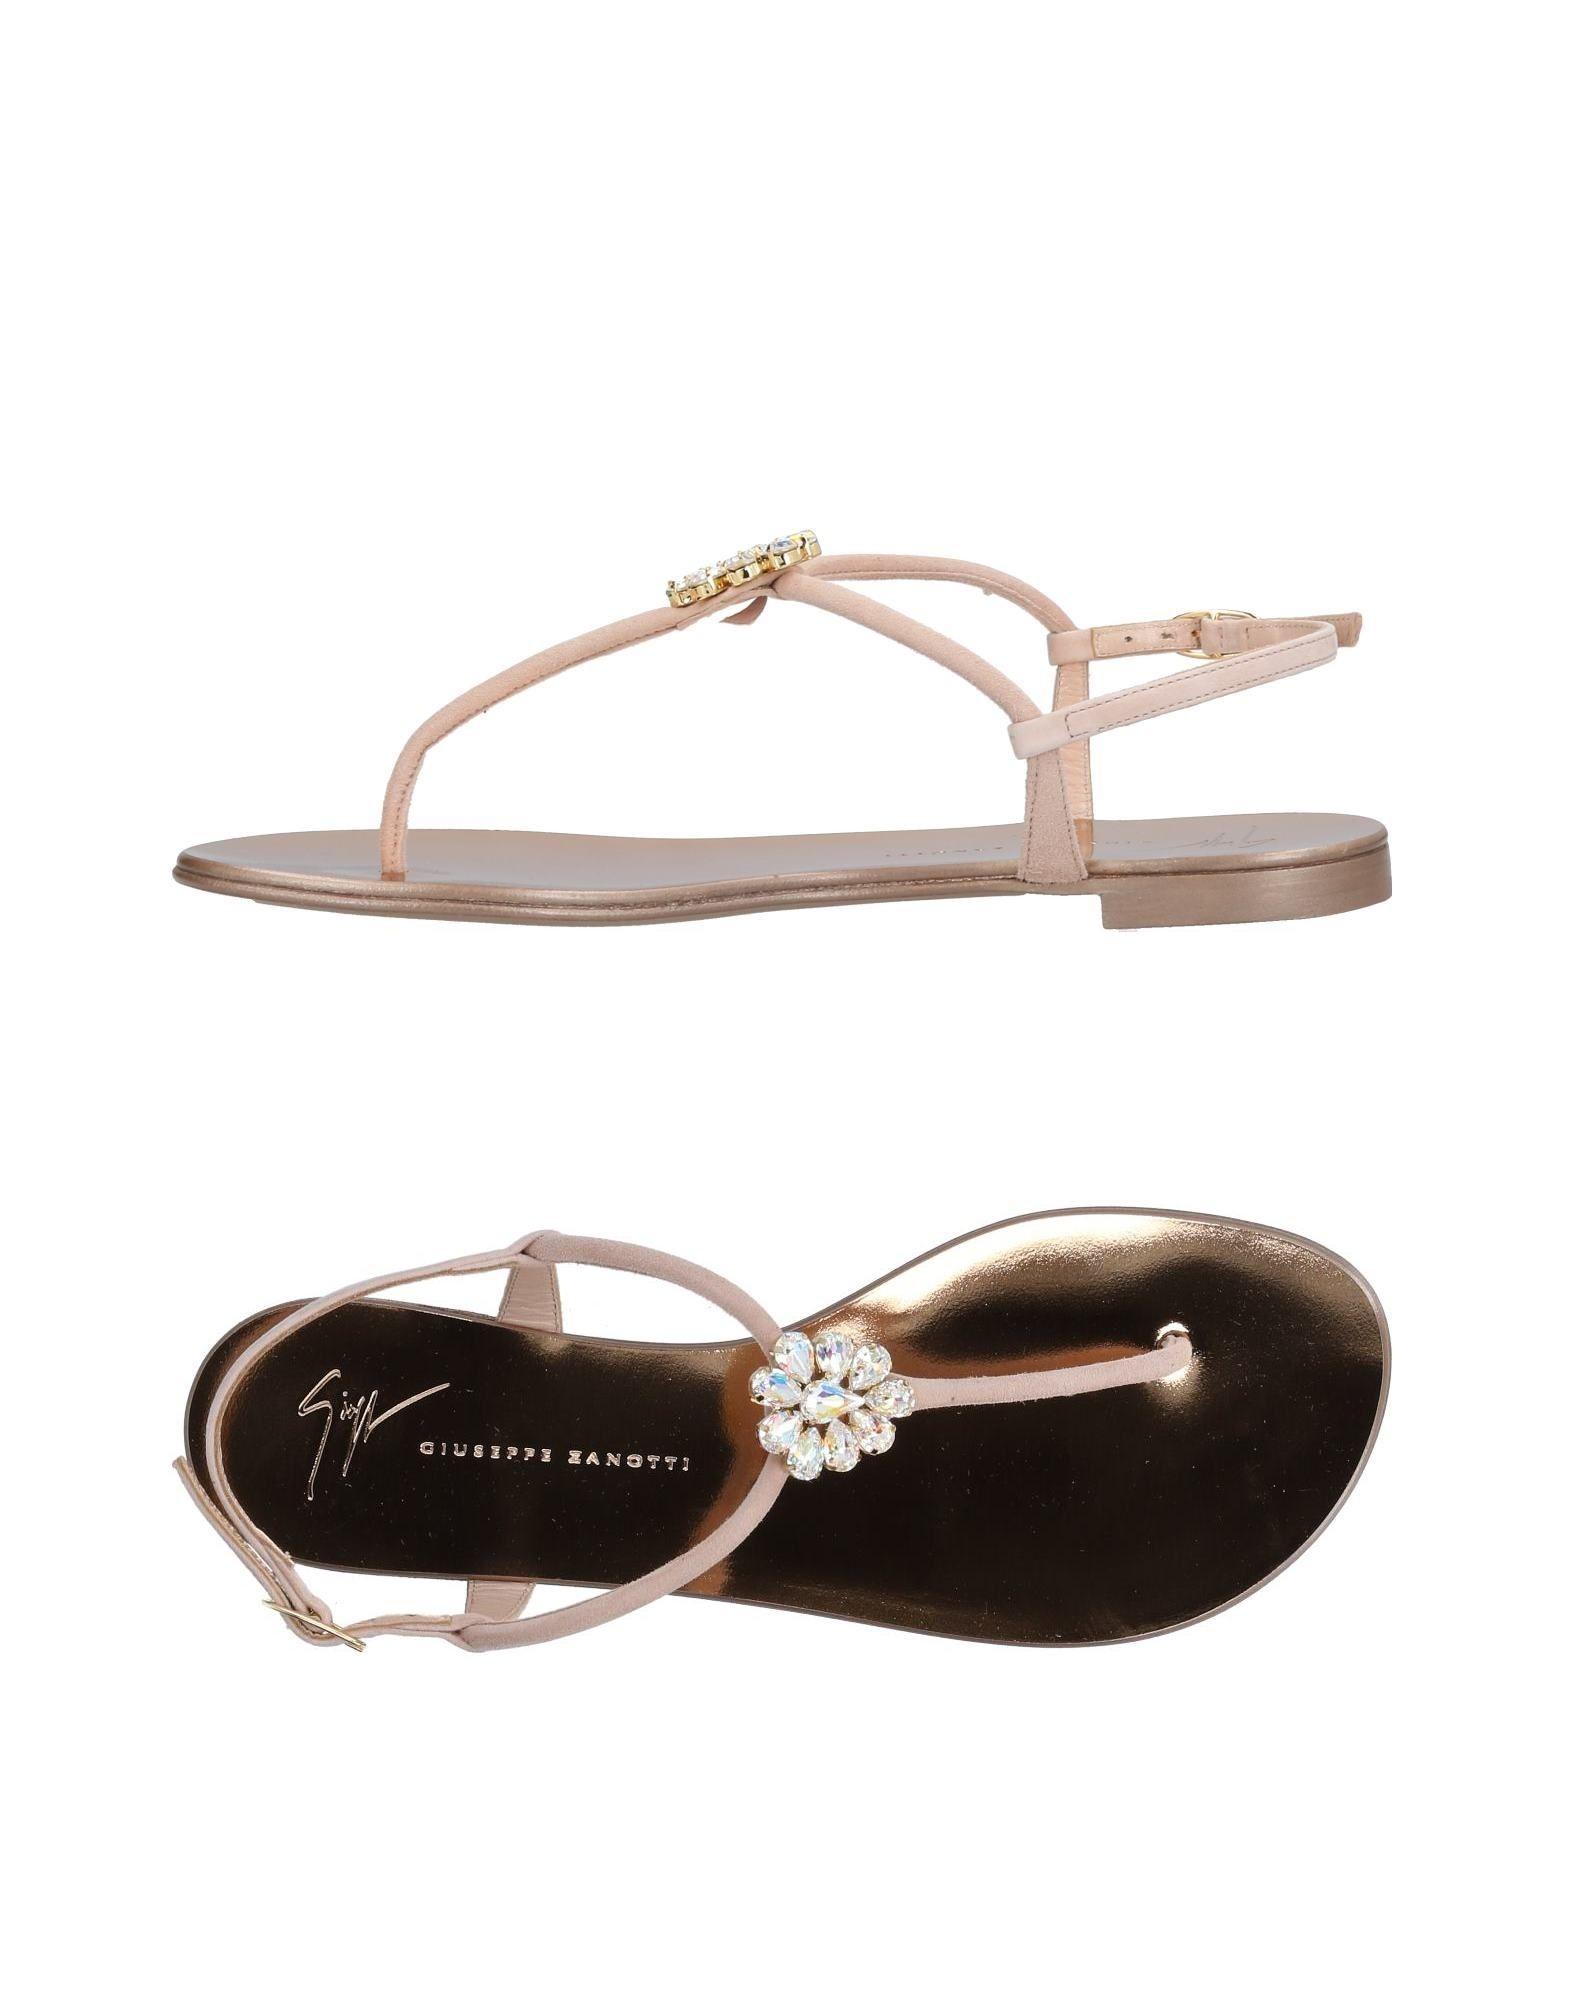 Rabatt Schuhe Giuseppe Zanotti Dianetten 11446035AT Damen  11446035AT Dianetten f8fd27